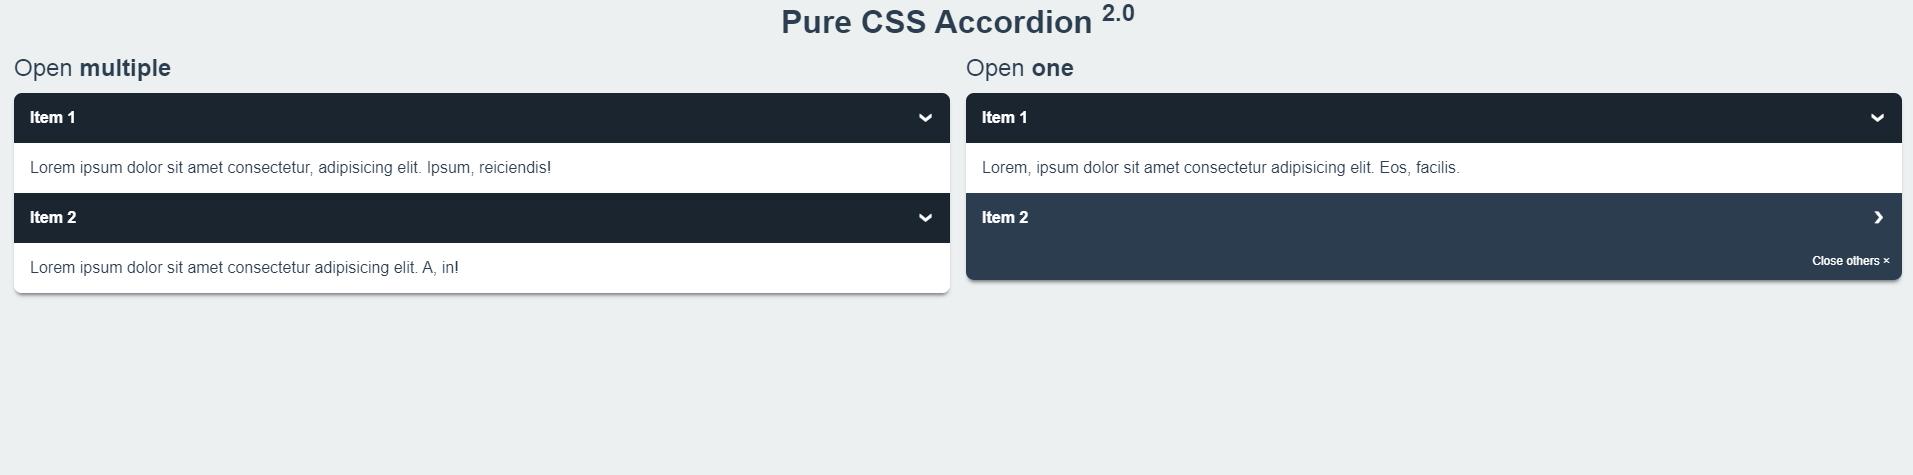 Cách Tạo Accordion Bằng HTML5 CSS3